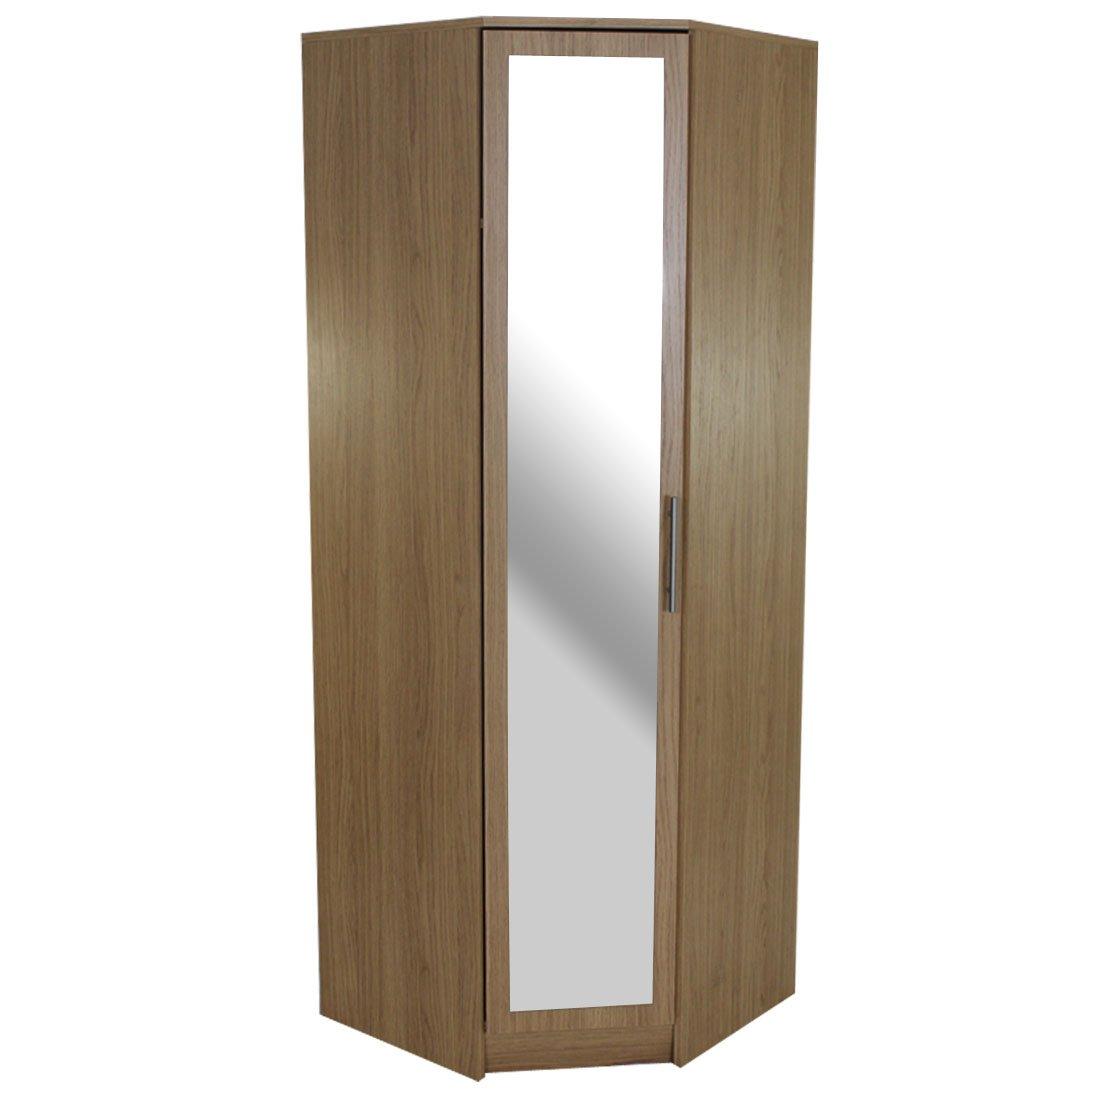 Devoted2Home Humber Bedroom Furniture with 1-Door Mirrored Corner ...